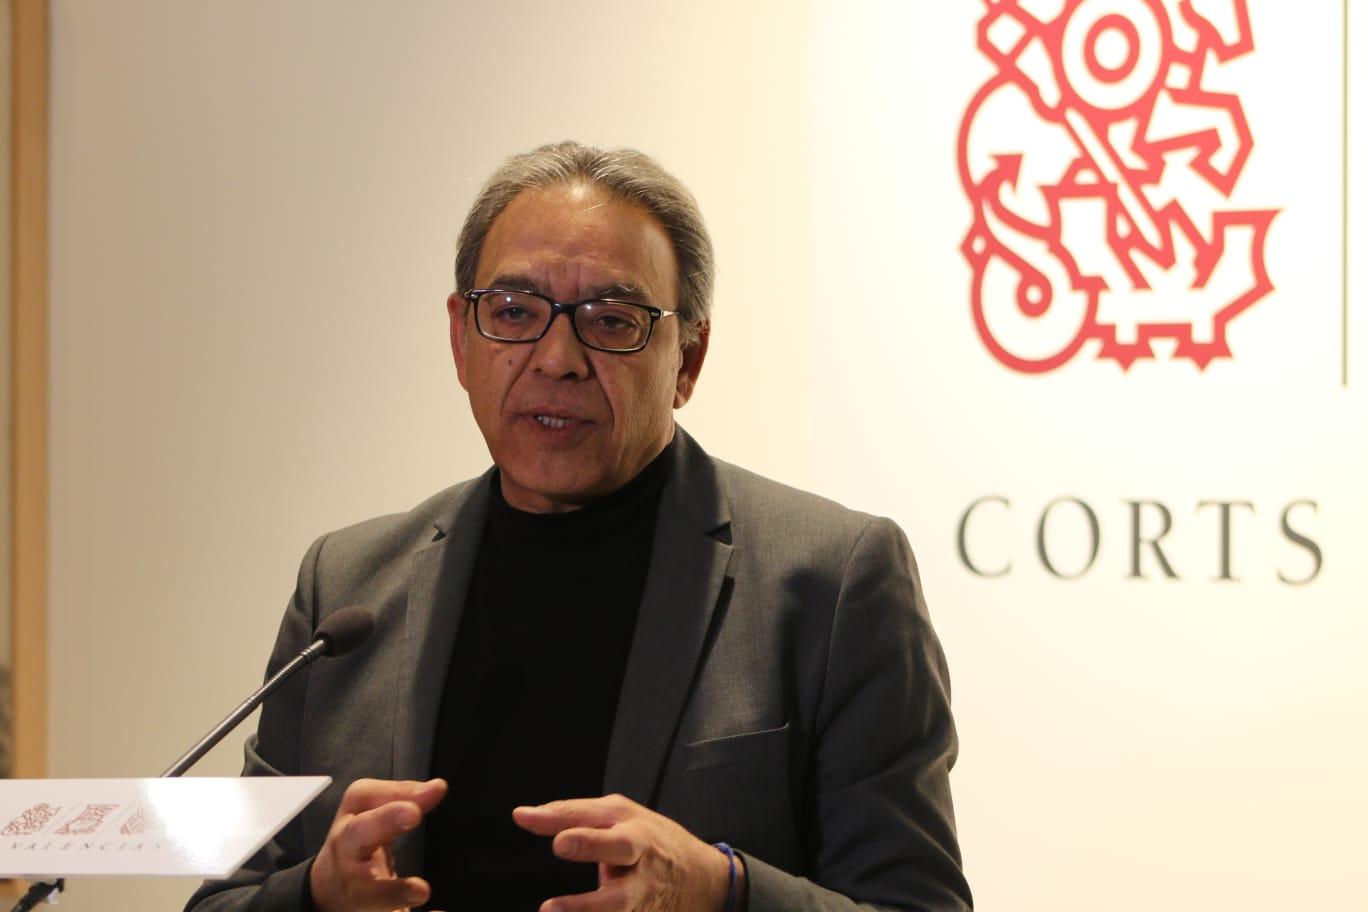 """Manolo Mata: """"La primera empresa condemnada per la via penal per corrupció és el Partit Popular amb el qual Ciutadans vol formar govern"""""""